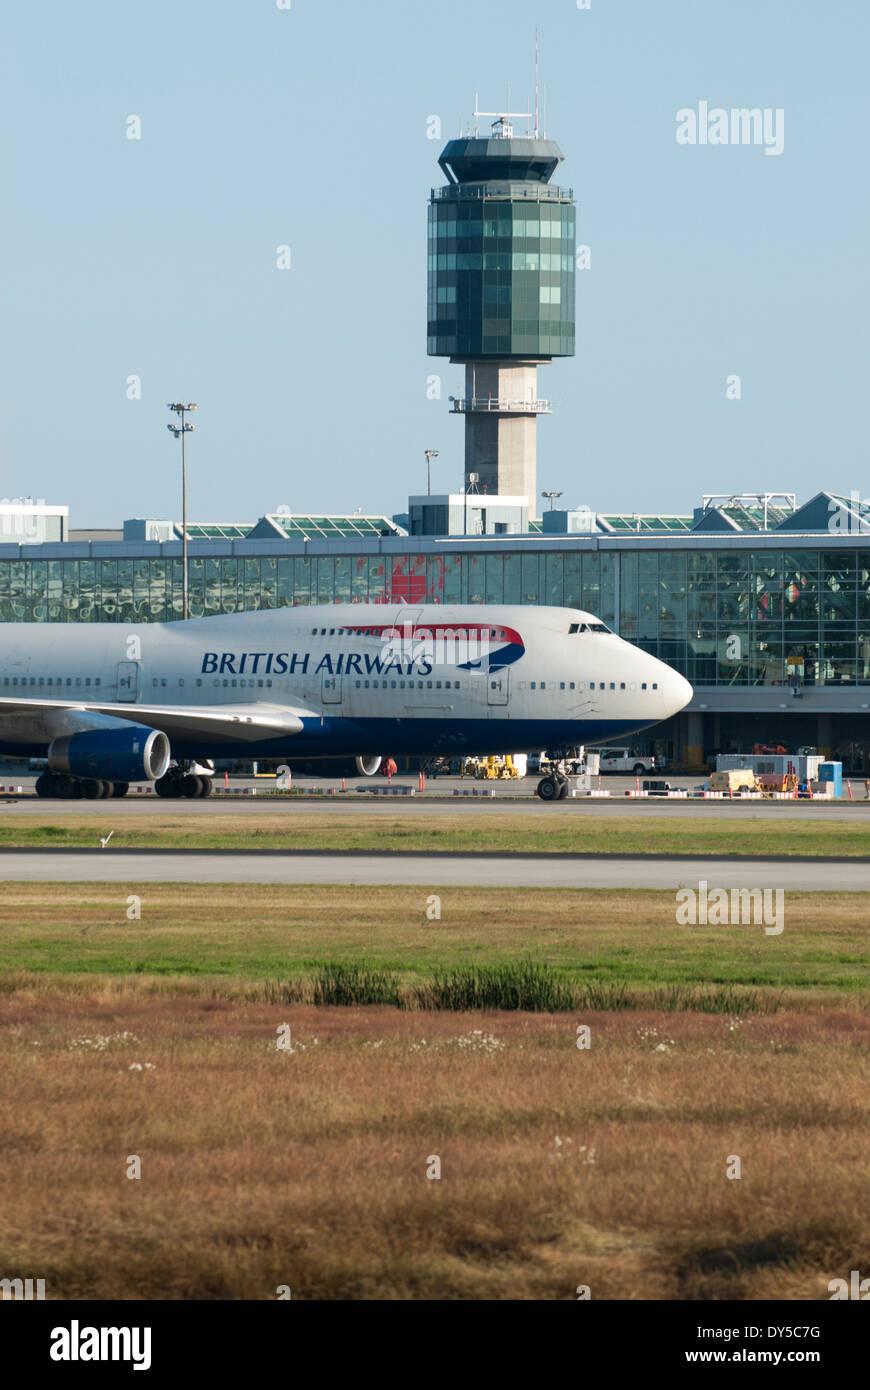 British Airways avion de roulage à l'Aéroport International de Vancouver. Photo Stock